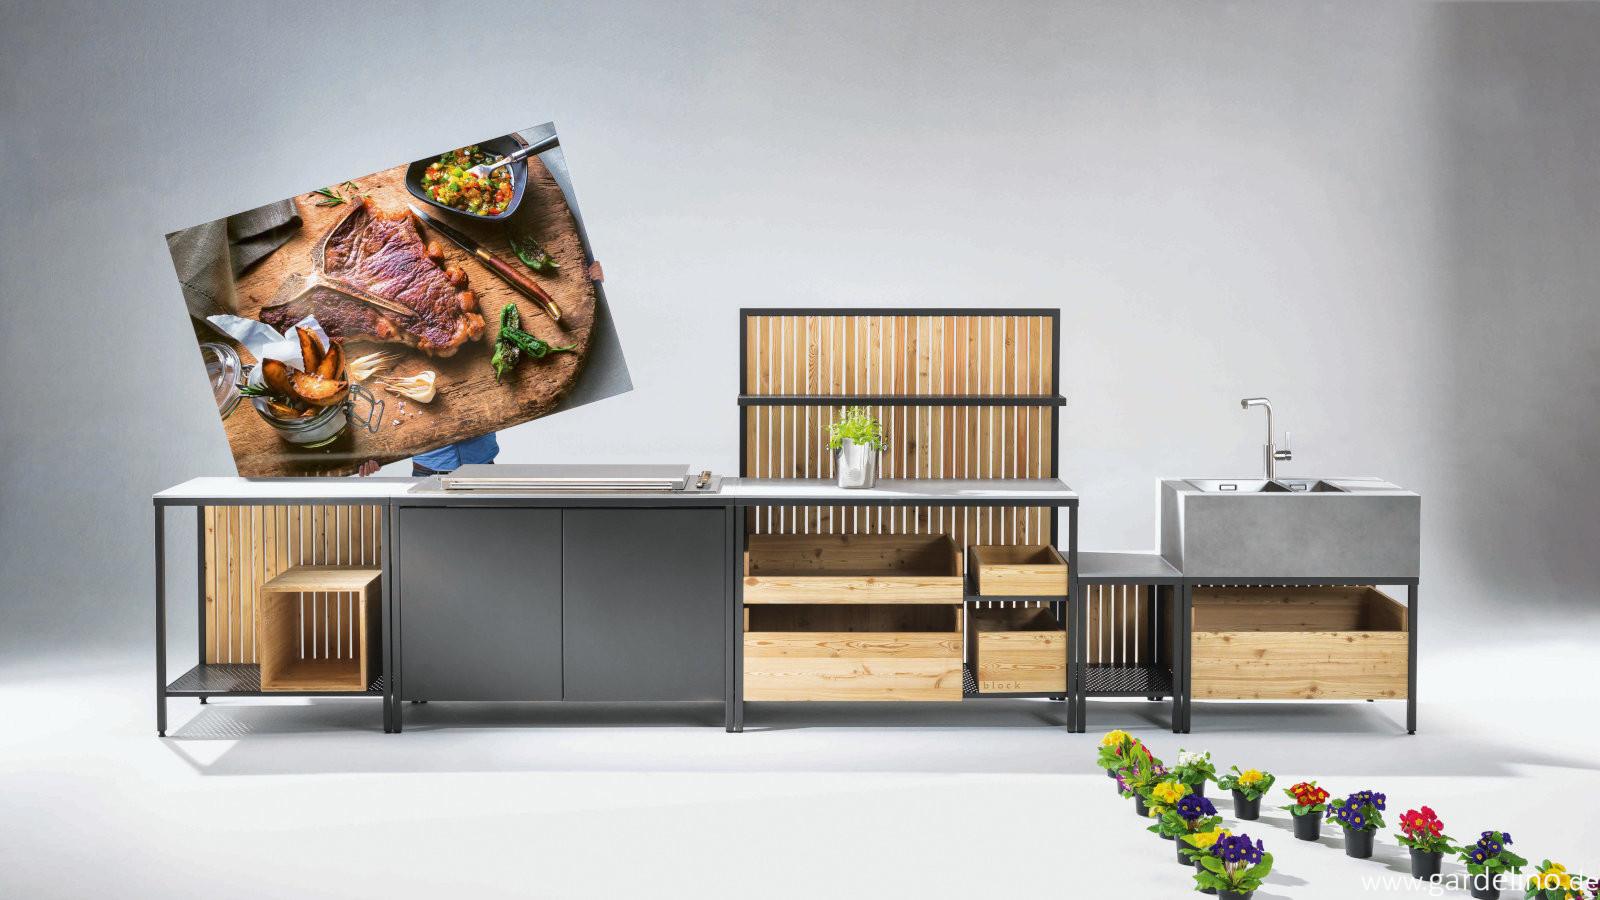 Outdoor Küche Luxus : Kaufmann grillkitchen block outdoor küche bei gardelino